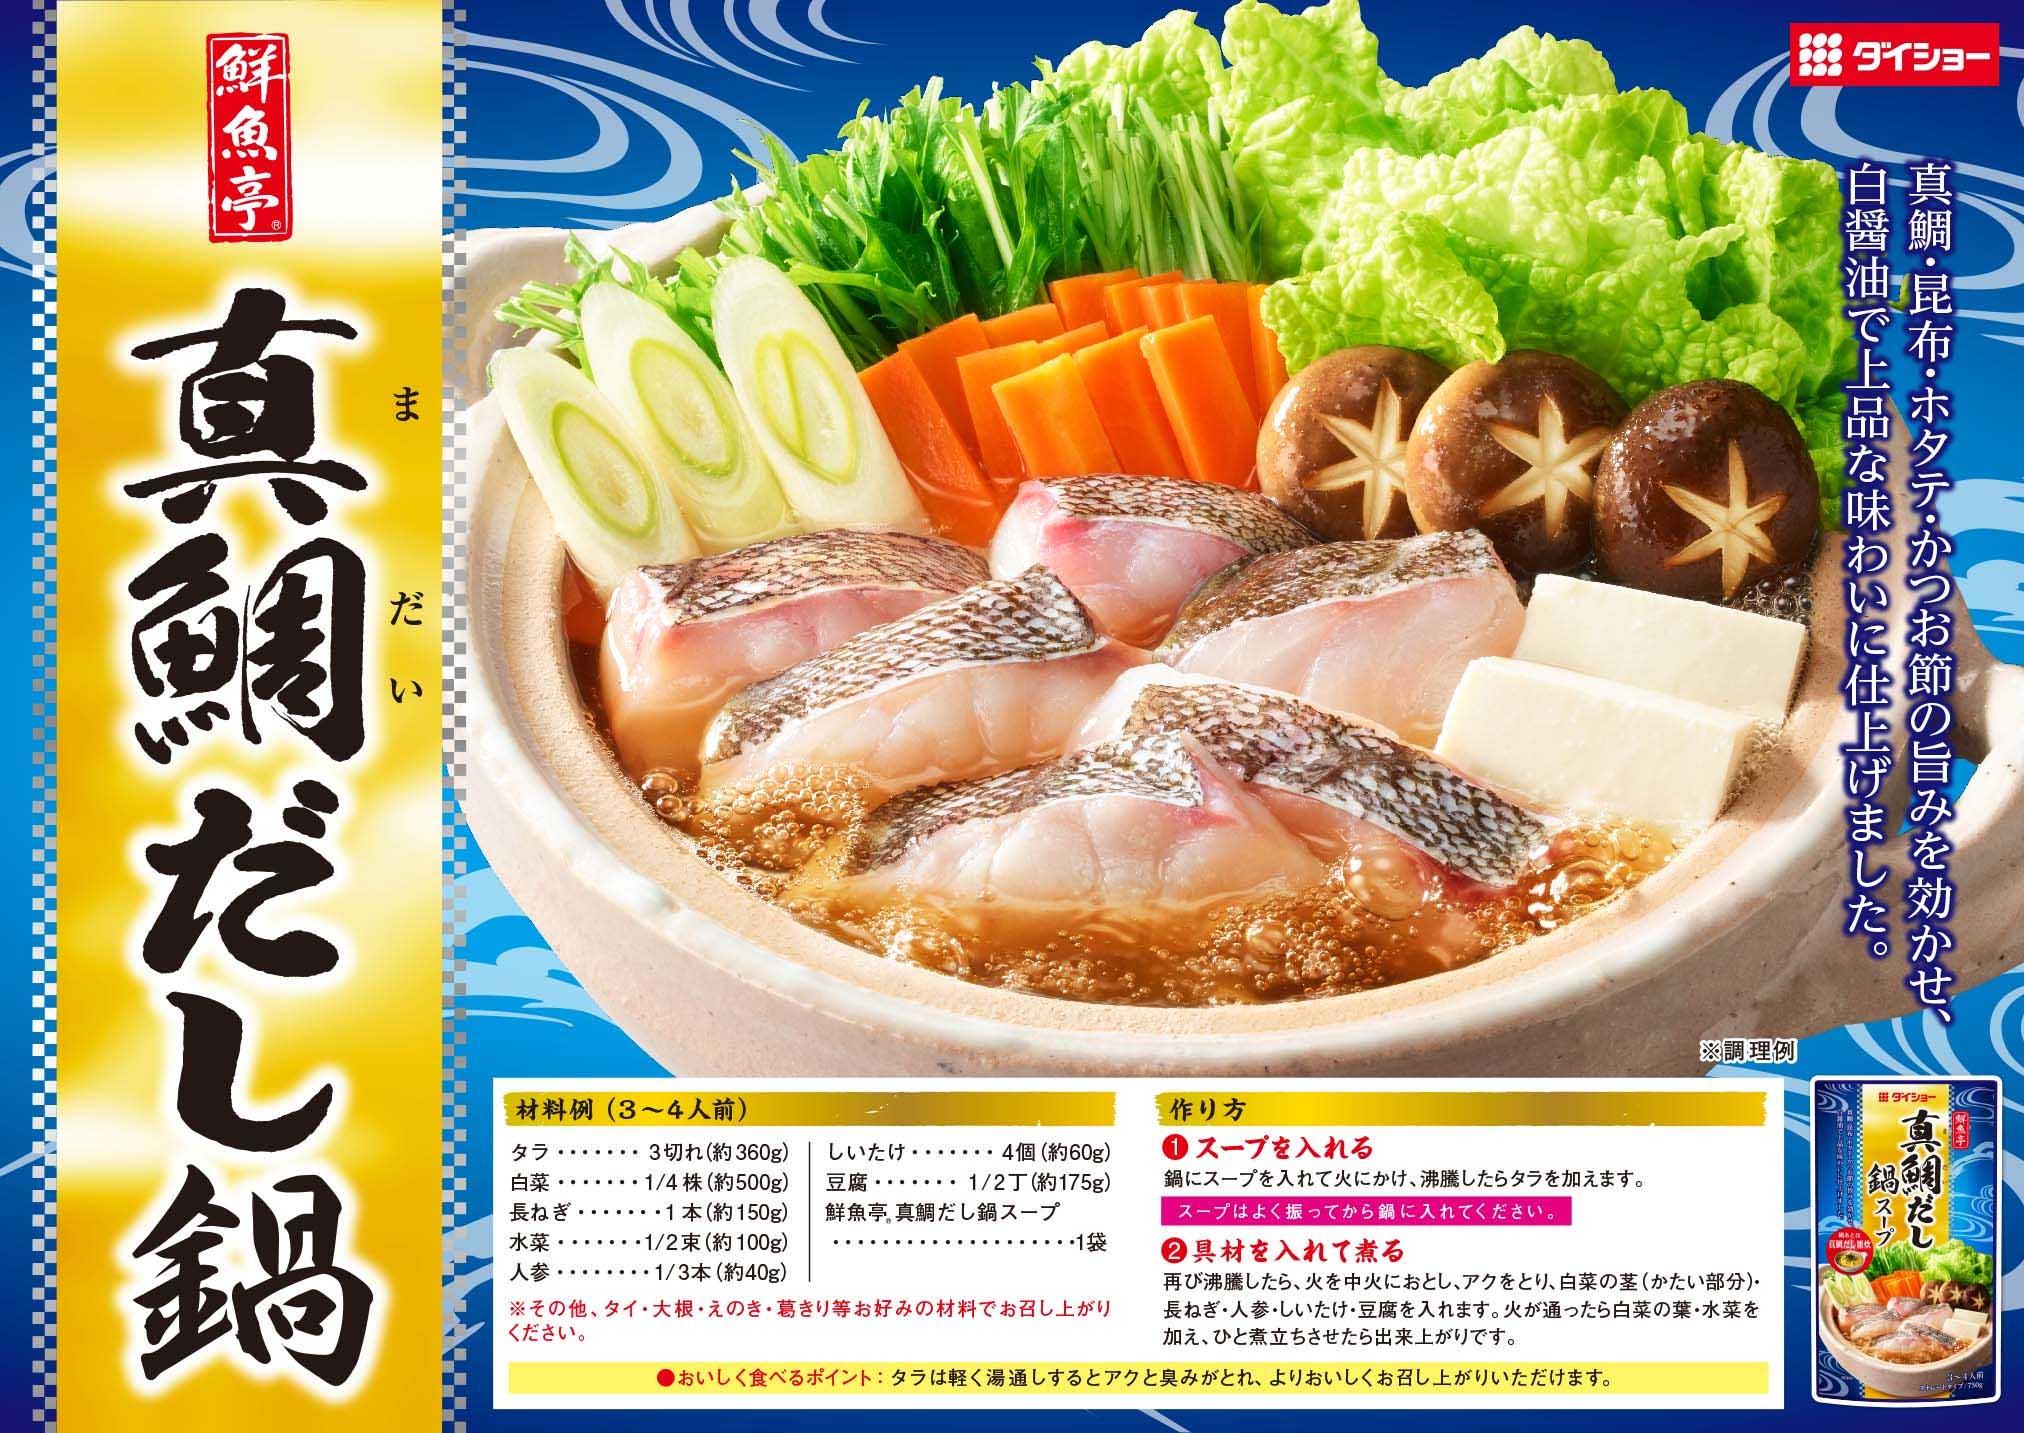 鮮魚亭 真鯛だし鍋スープレシピ